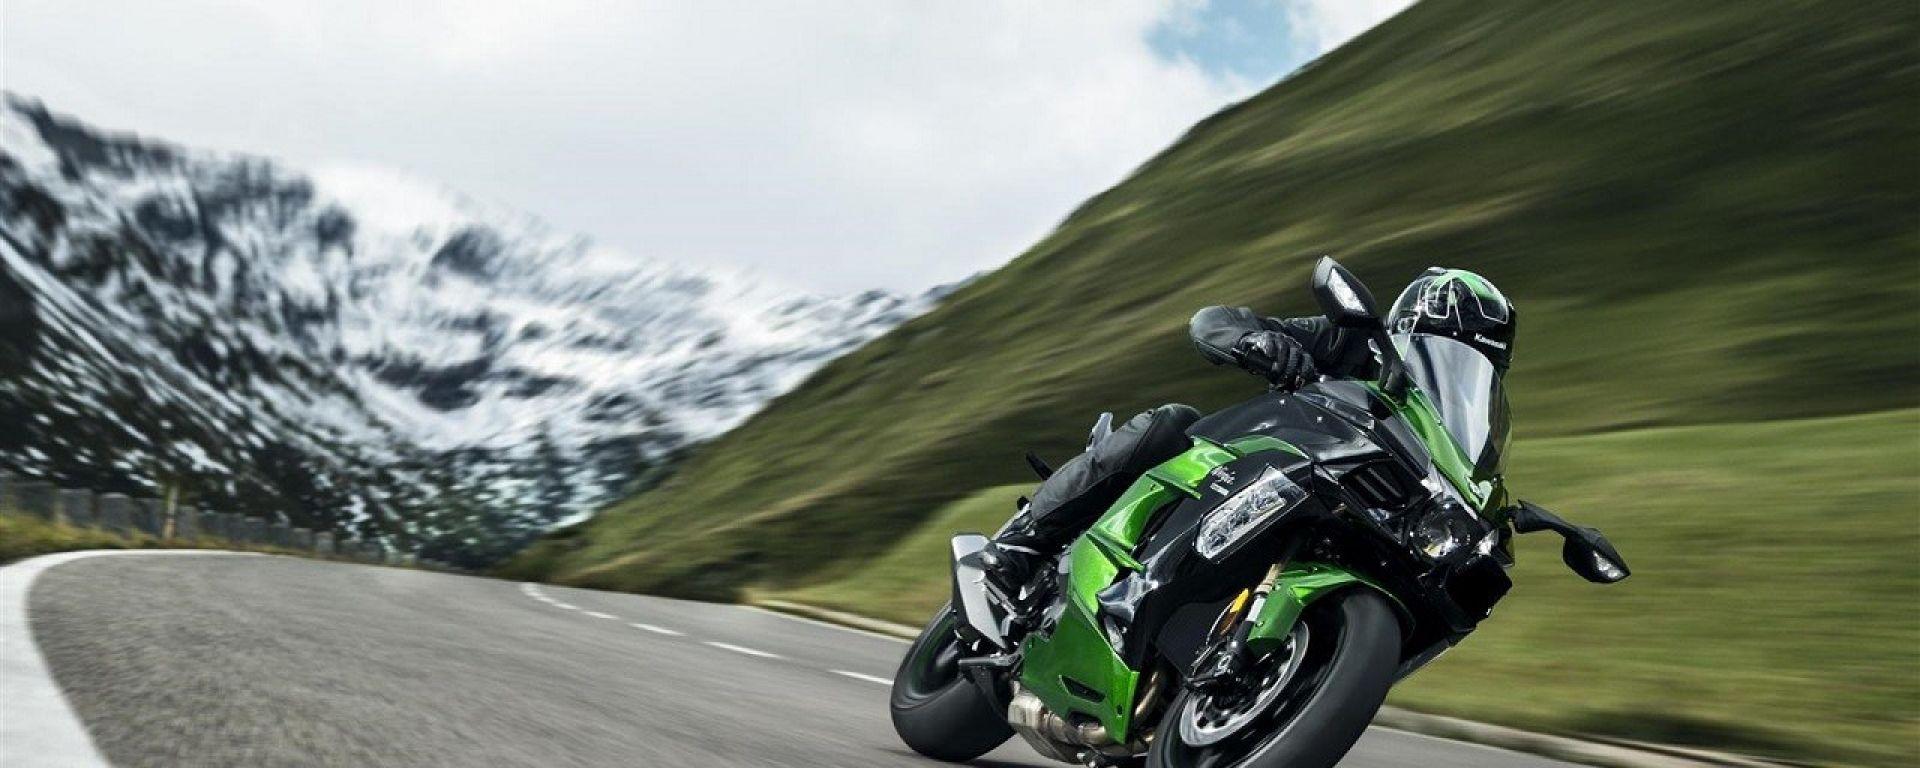 Kawasaki H2 SX: richiamo per problemi al cavalletto